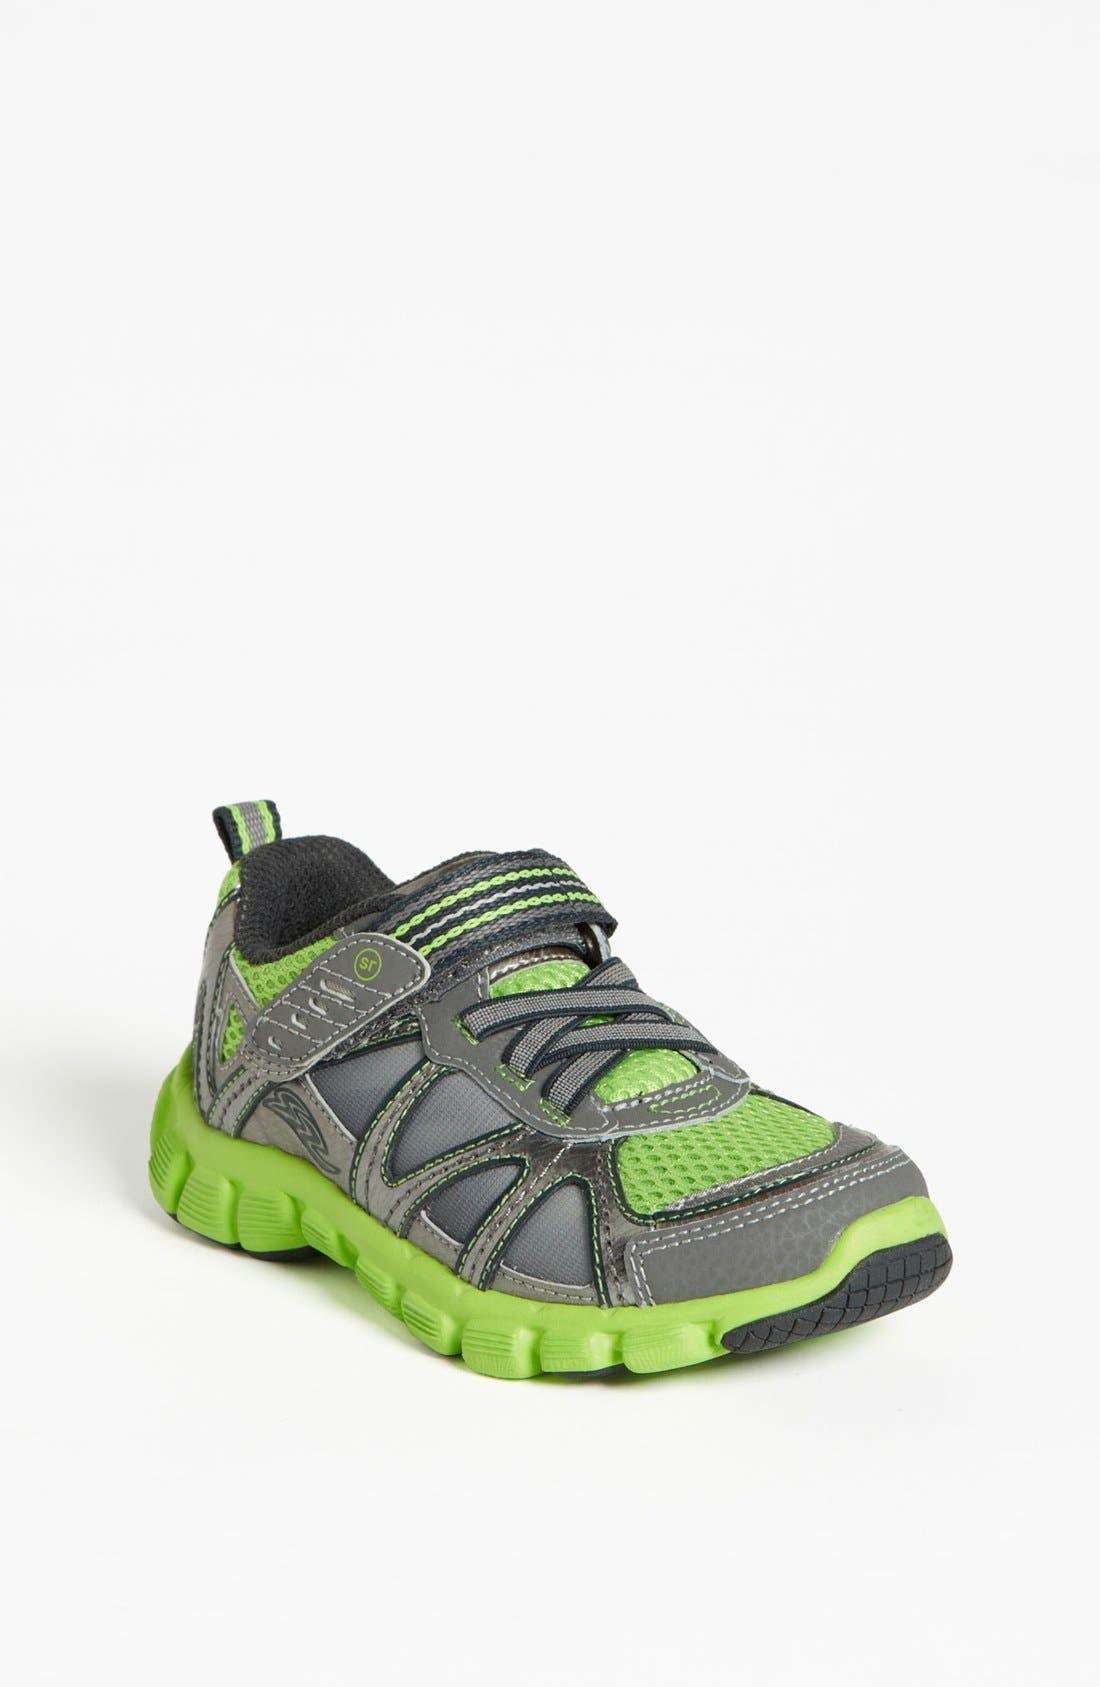 Alternate Image 1 Selected - Stride Rite 'Racer' Light-Up Sneaker (Toddler & Little Kid) (Online Only)